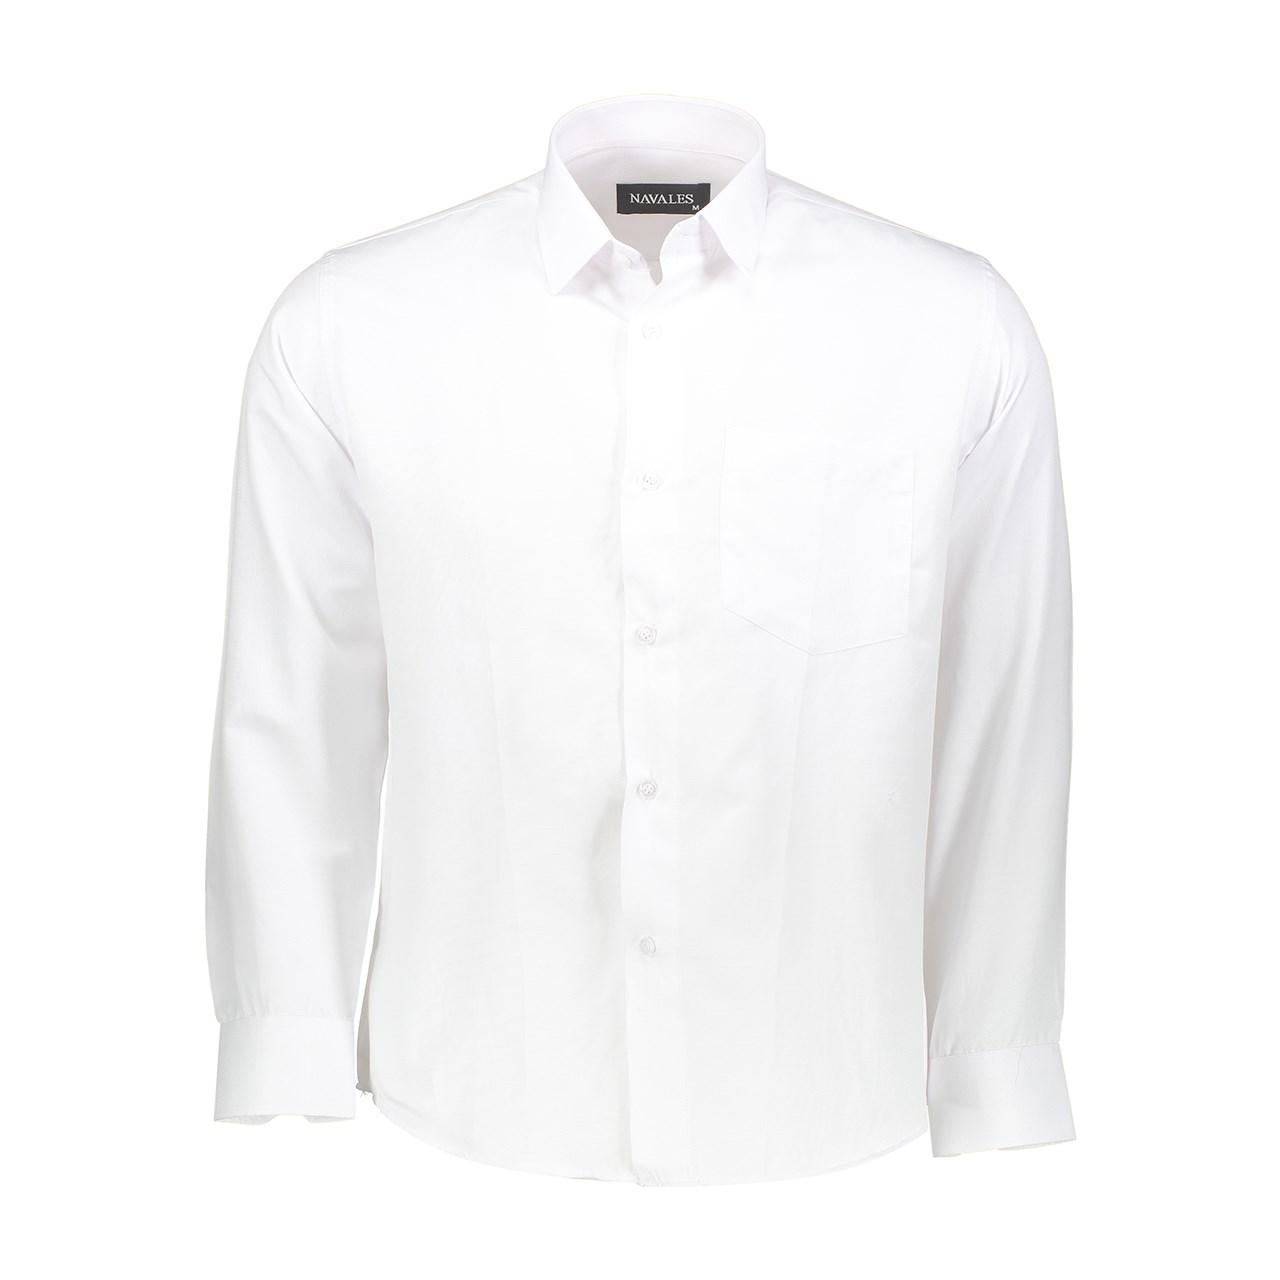 پیراهن مردانه ناوالس مدل OX8020WH